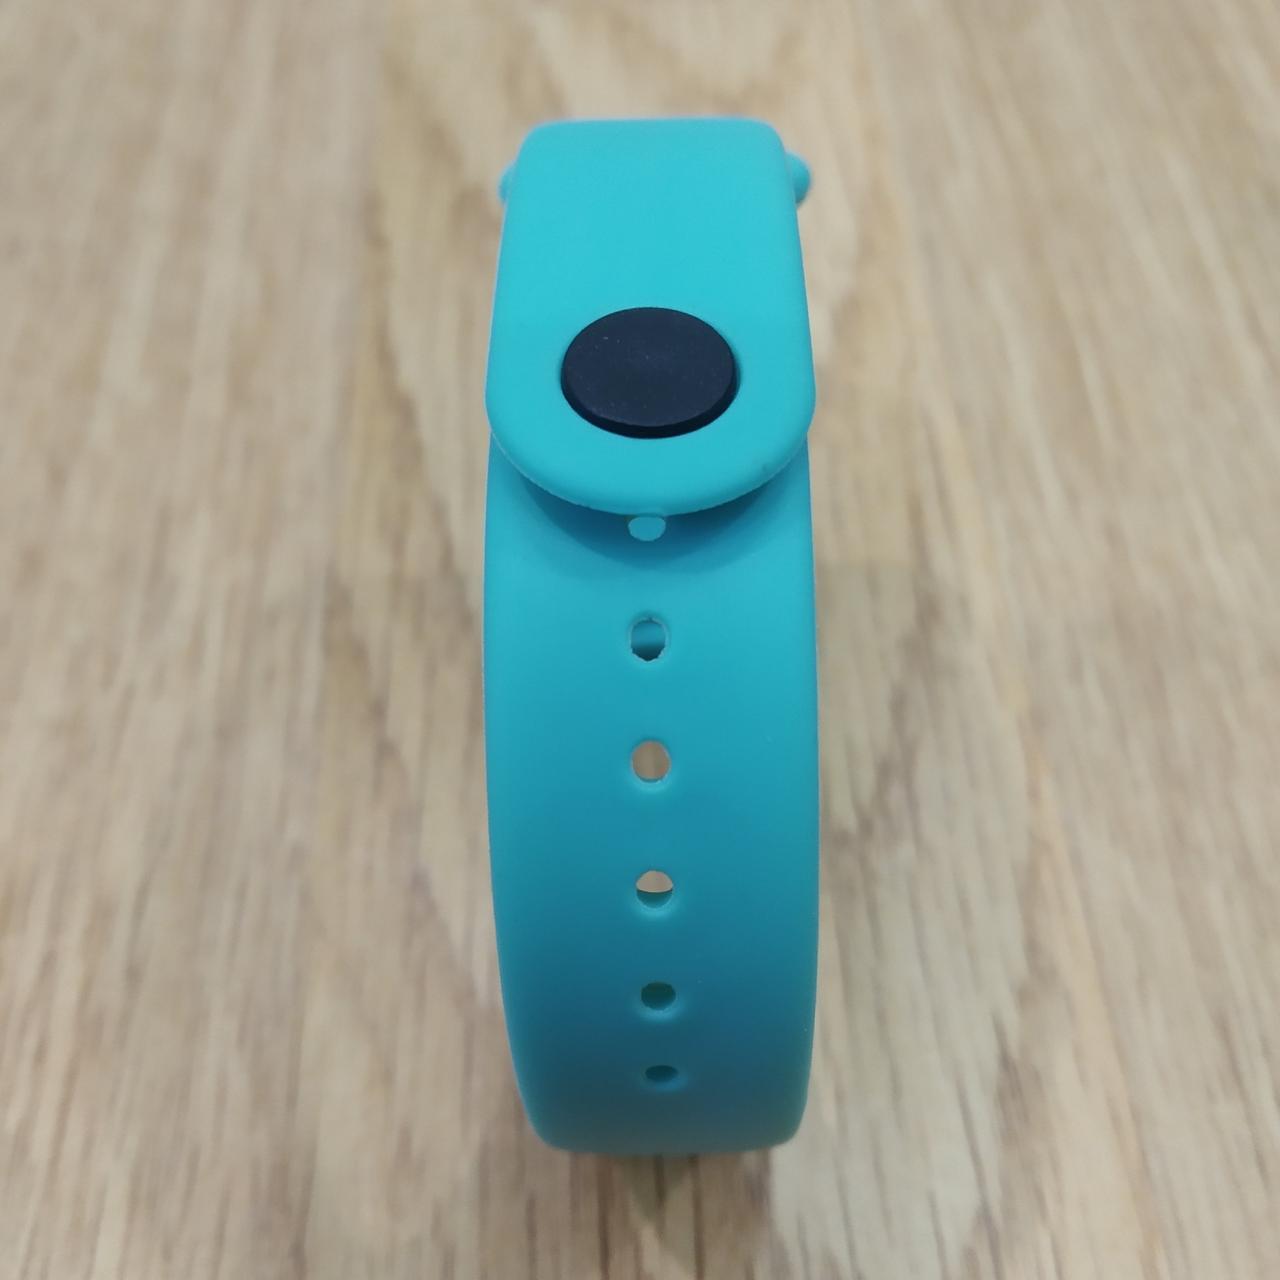 Ремешок для Фитнес-Трекера,  XIAOMI MI BAND 3 / 4 одноцветный - Light blue - Светло Голубой